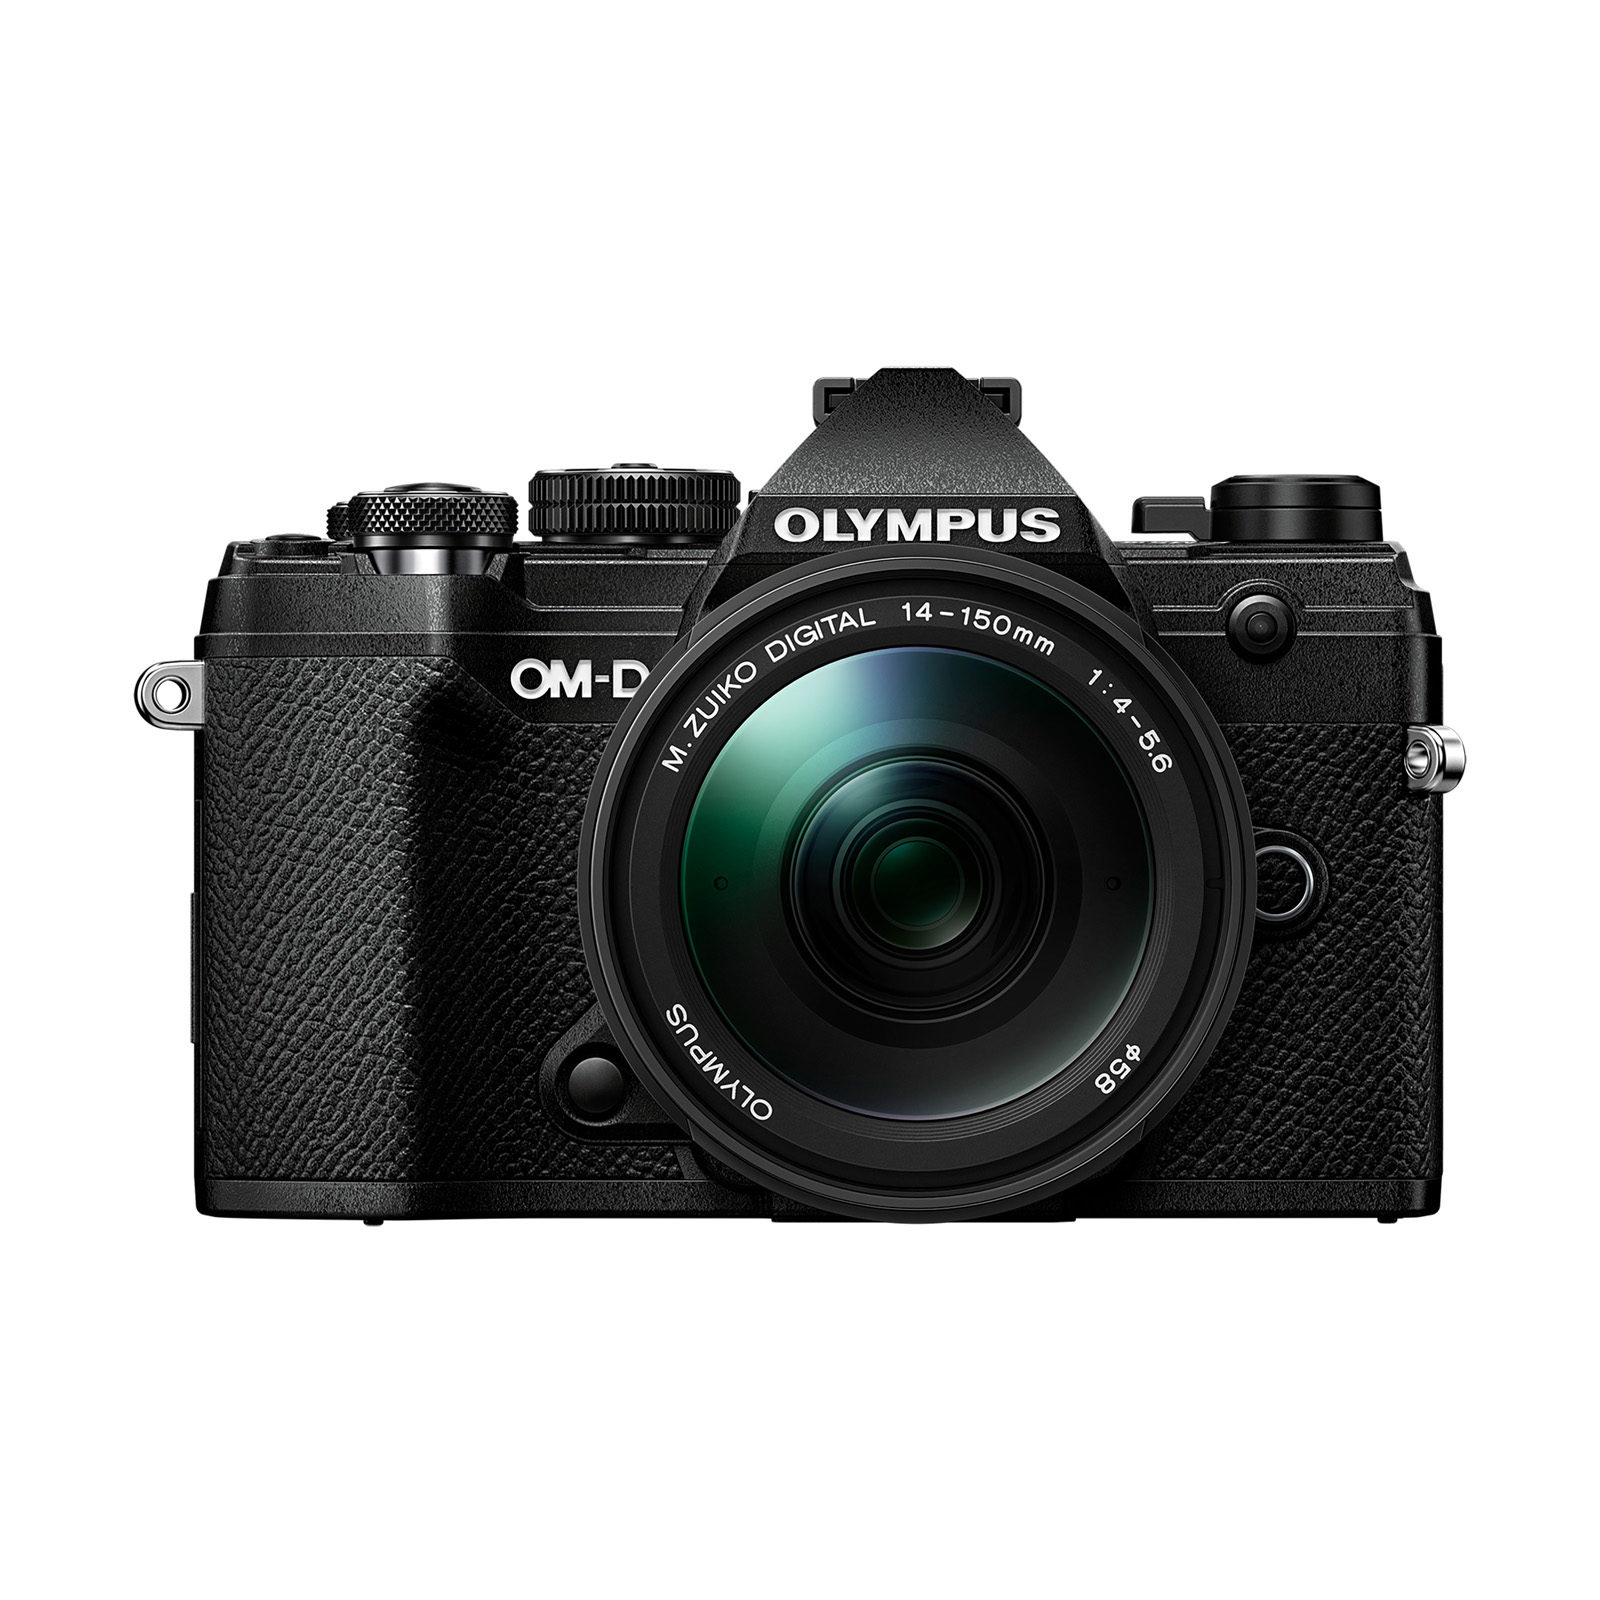 Olympus OM-D E-M5 Mark III systeemcamera Zwart + 14-150mm <br/>€ 1499.00 <br/> <a href='https://www.cameranu.nl/fotografie/?tt=12190_474631_241358_&r=https%3A%2F%2Fwww.cameranu.nl%2Fnl%2Fp3130142%2Folympus-om-d-e-m5-mark-iii-systeemcamera-zwart-14-150mm%3Fchannable%3De10841.MzEzMDE0Mg%26utm_campaign%3D%26utm_content%3DOM-D%2Bserie%26utm_source%3DTradetracker%26utm_medium%3Dcpc%26utm_term%3DDigitale%2Bcamera%26apos%3Bs' target='_blank'>naar de winkel</a>